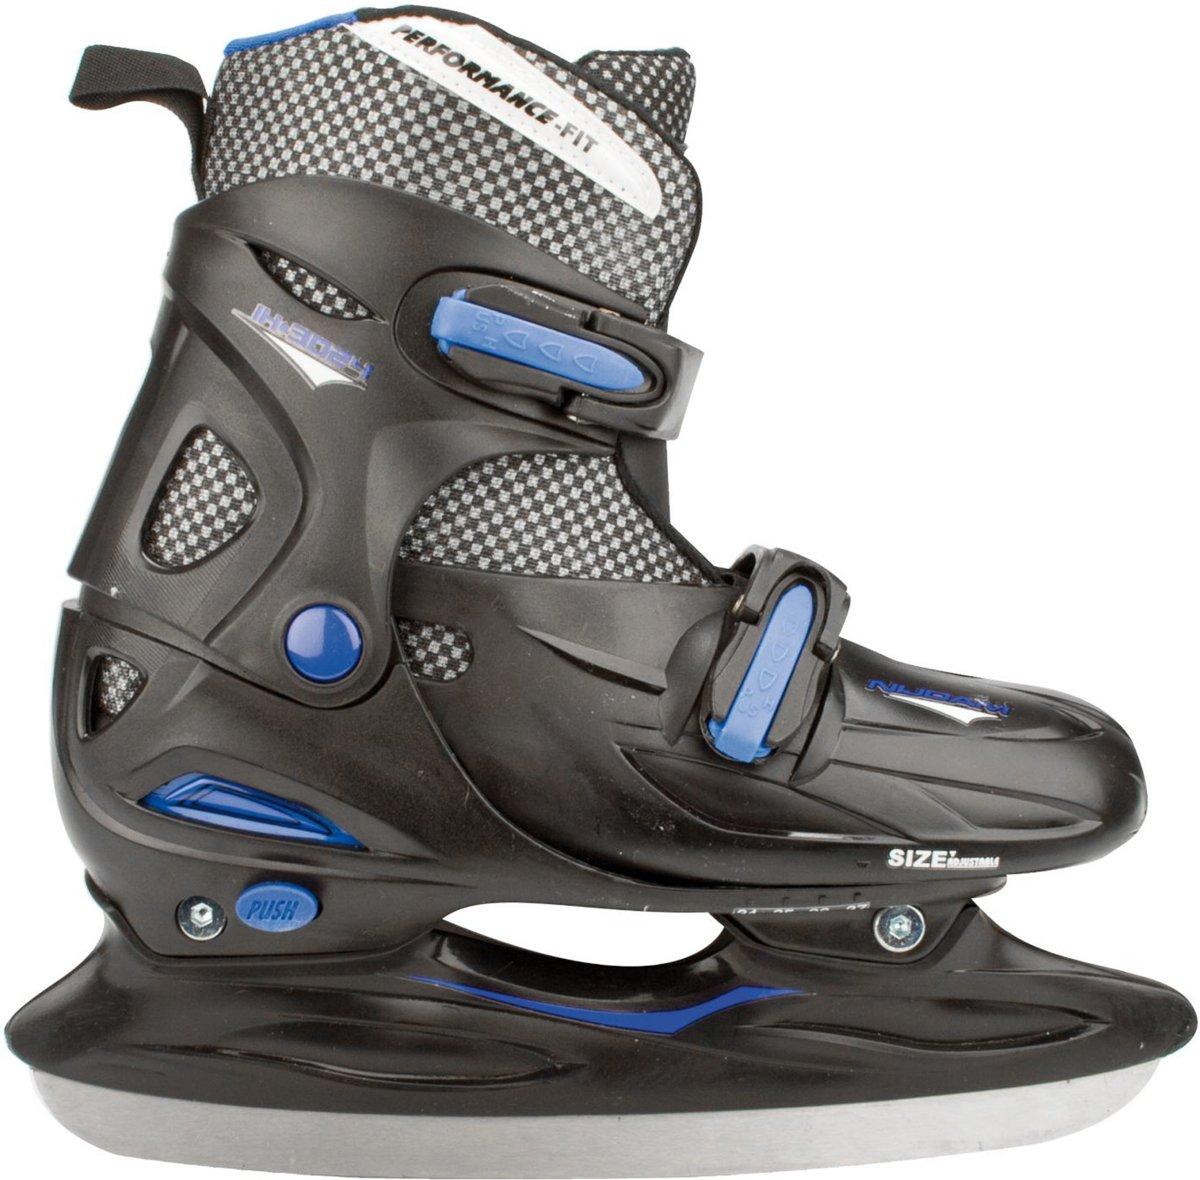 Nijdam 3024 Junior IJshockeyschaats - Verstelbaar - Hardboot - Zwart/Blauw - Maat 34-37